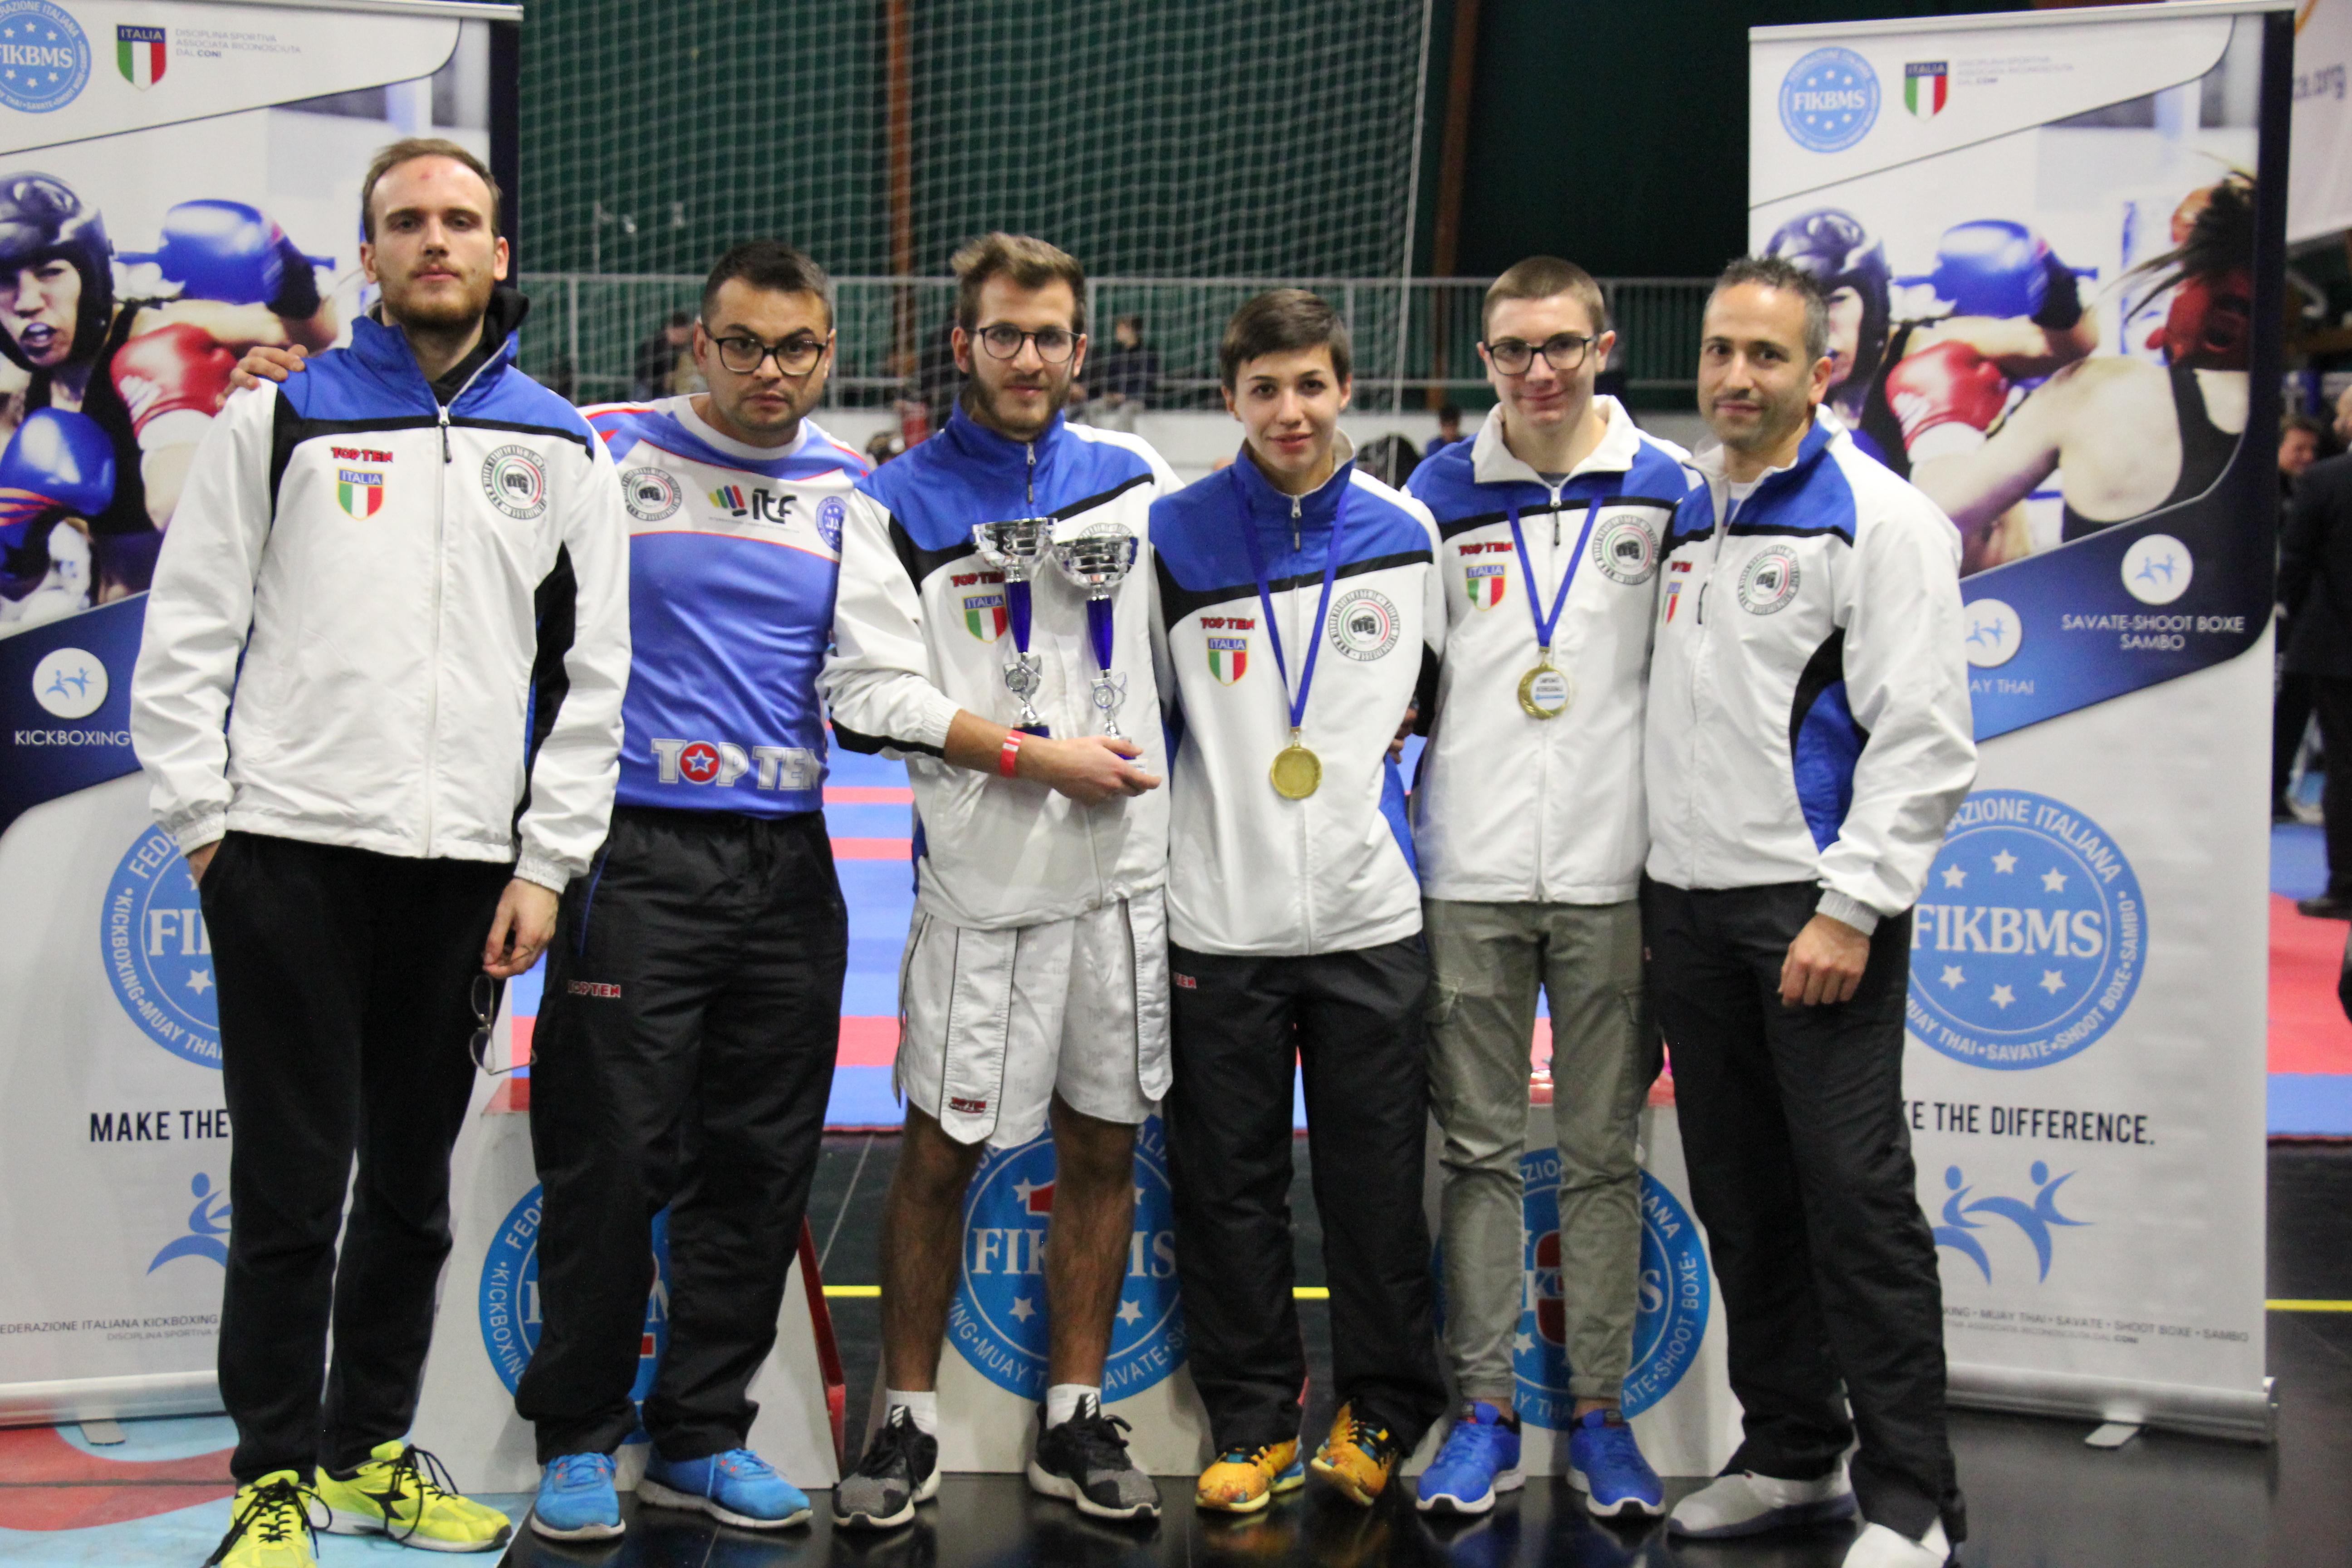 Doppio oro per Davide Piperni agli interregionali di Kick Boxing